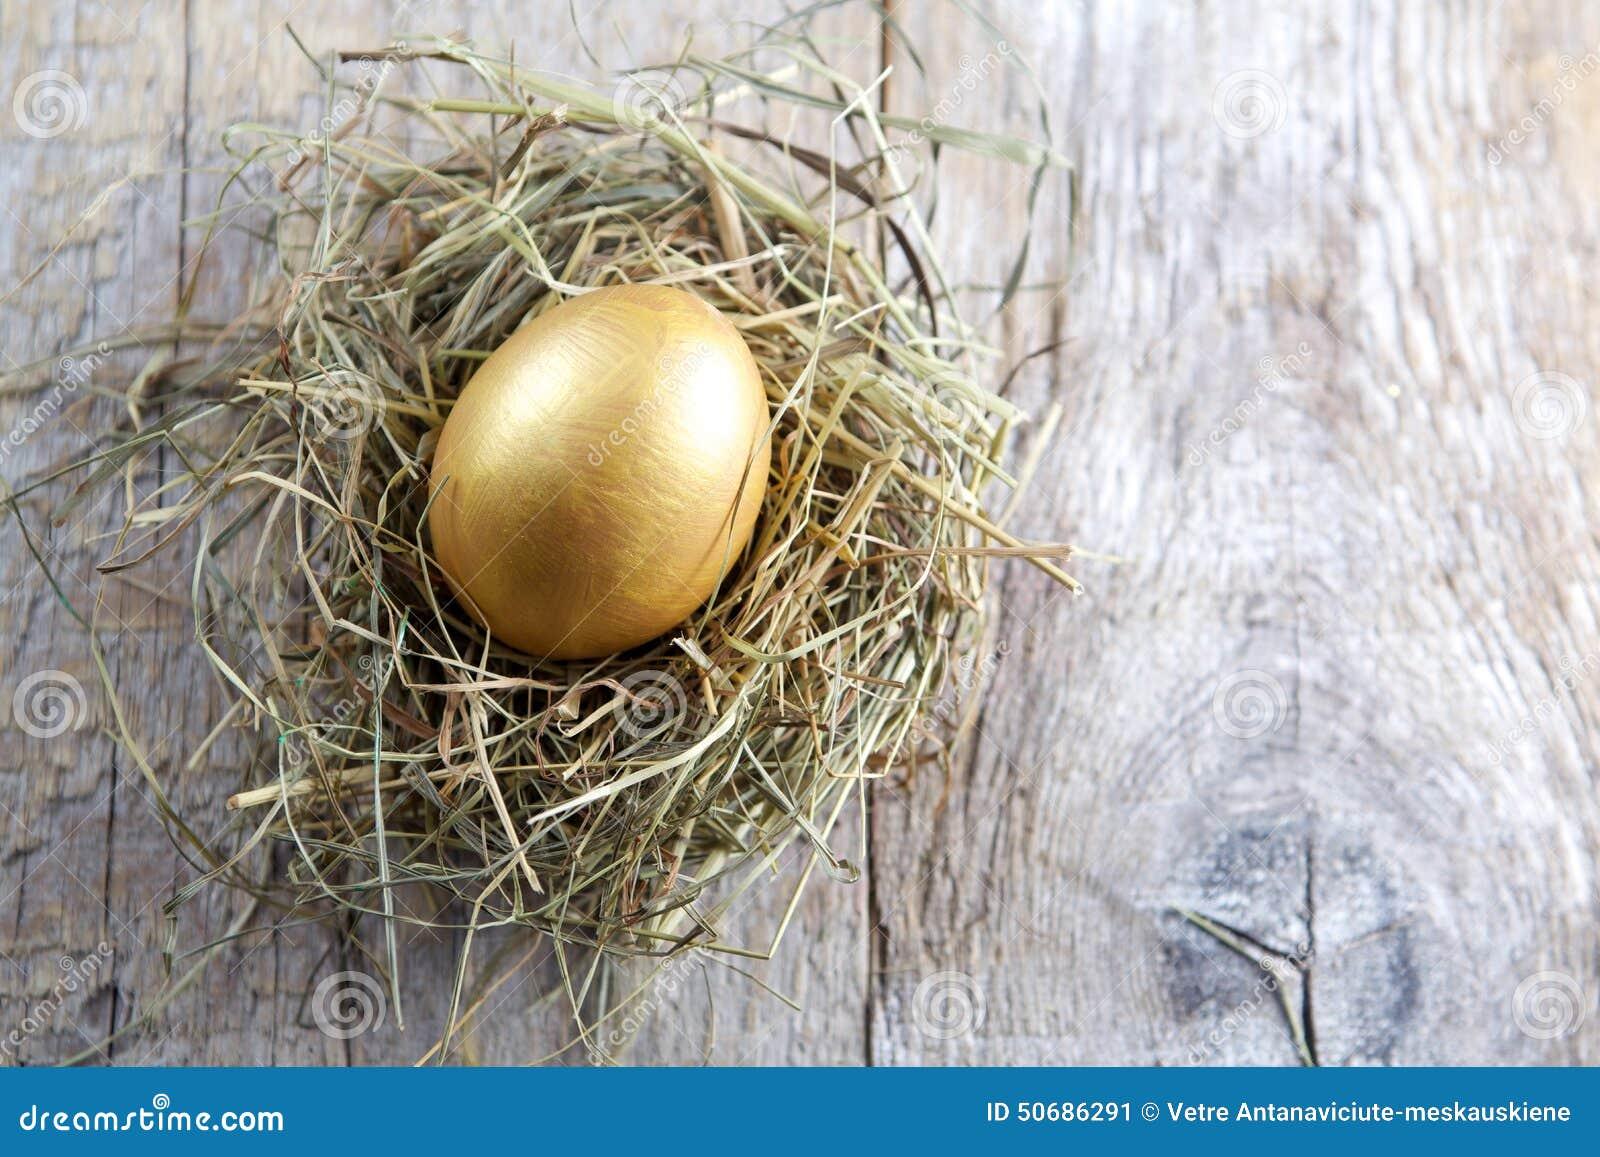 Download 复活节装饰 在巢的鸡蛋在木头 库存图片. 图片 包括有 装饰, 节假日, 木头, 自然, 庆祝, 鸡蛋, 嵌套 - 50686291